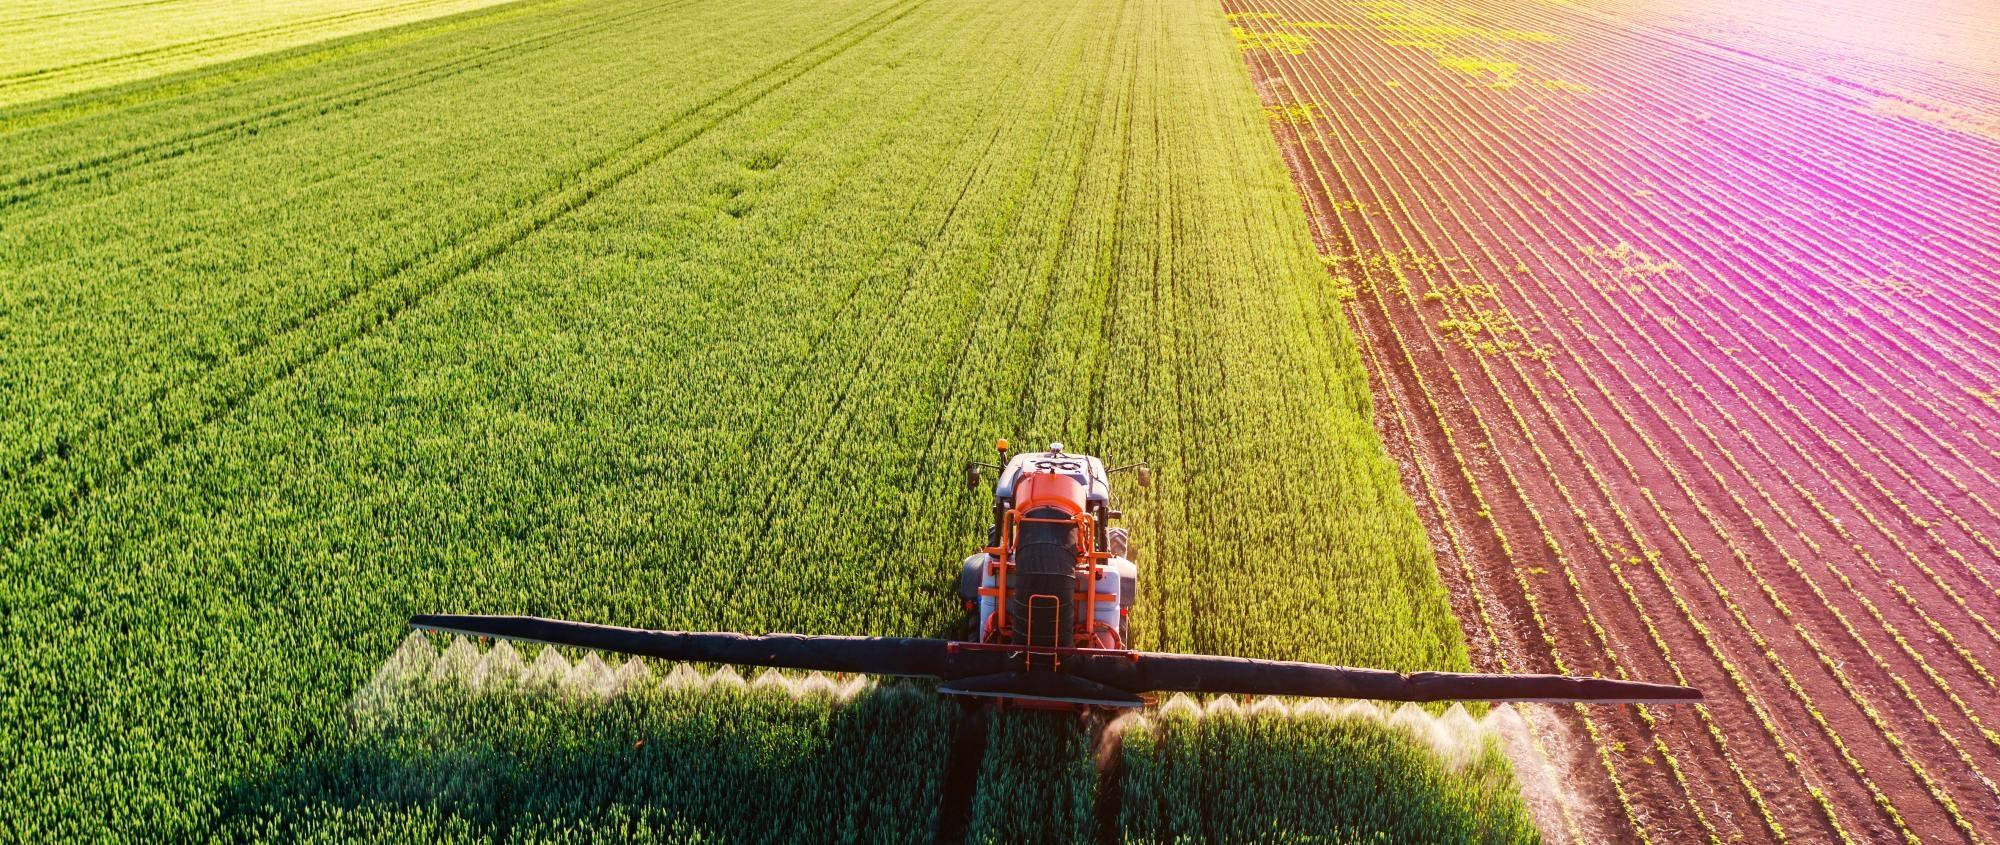 banner crops